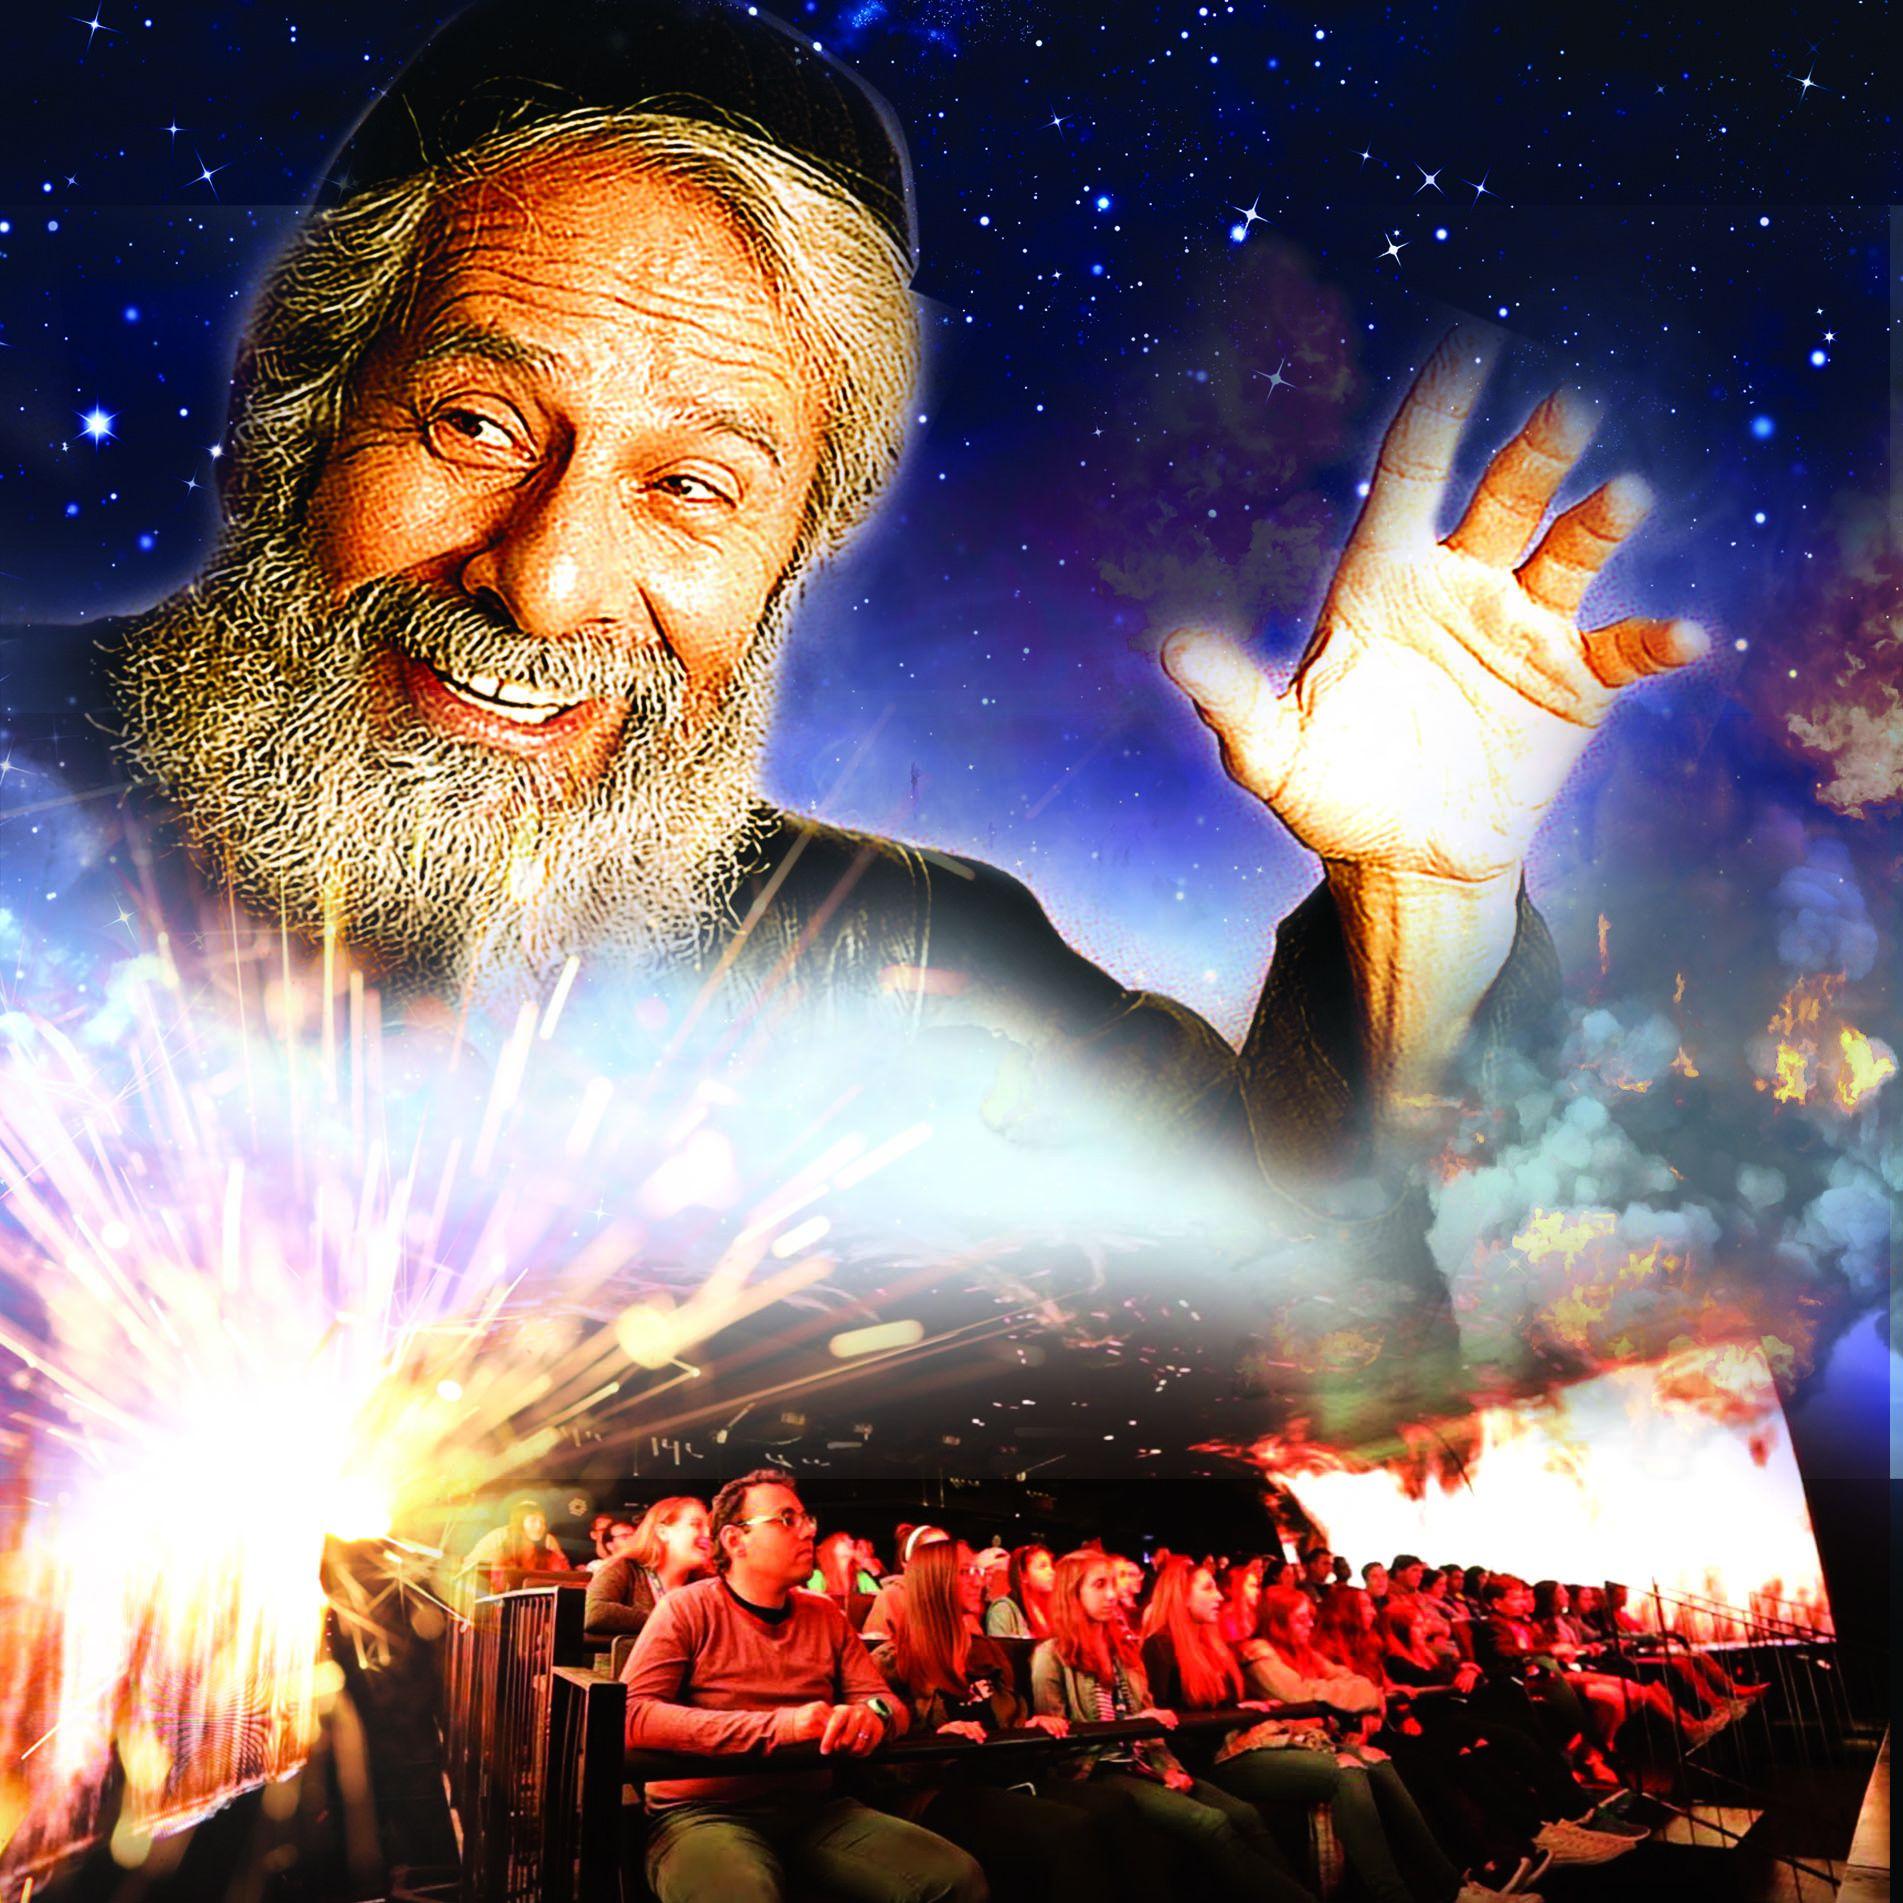 מעלית הזמן בירושלים - האטרקציה המרהיבה לכל המשפחה השתדרגה